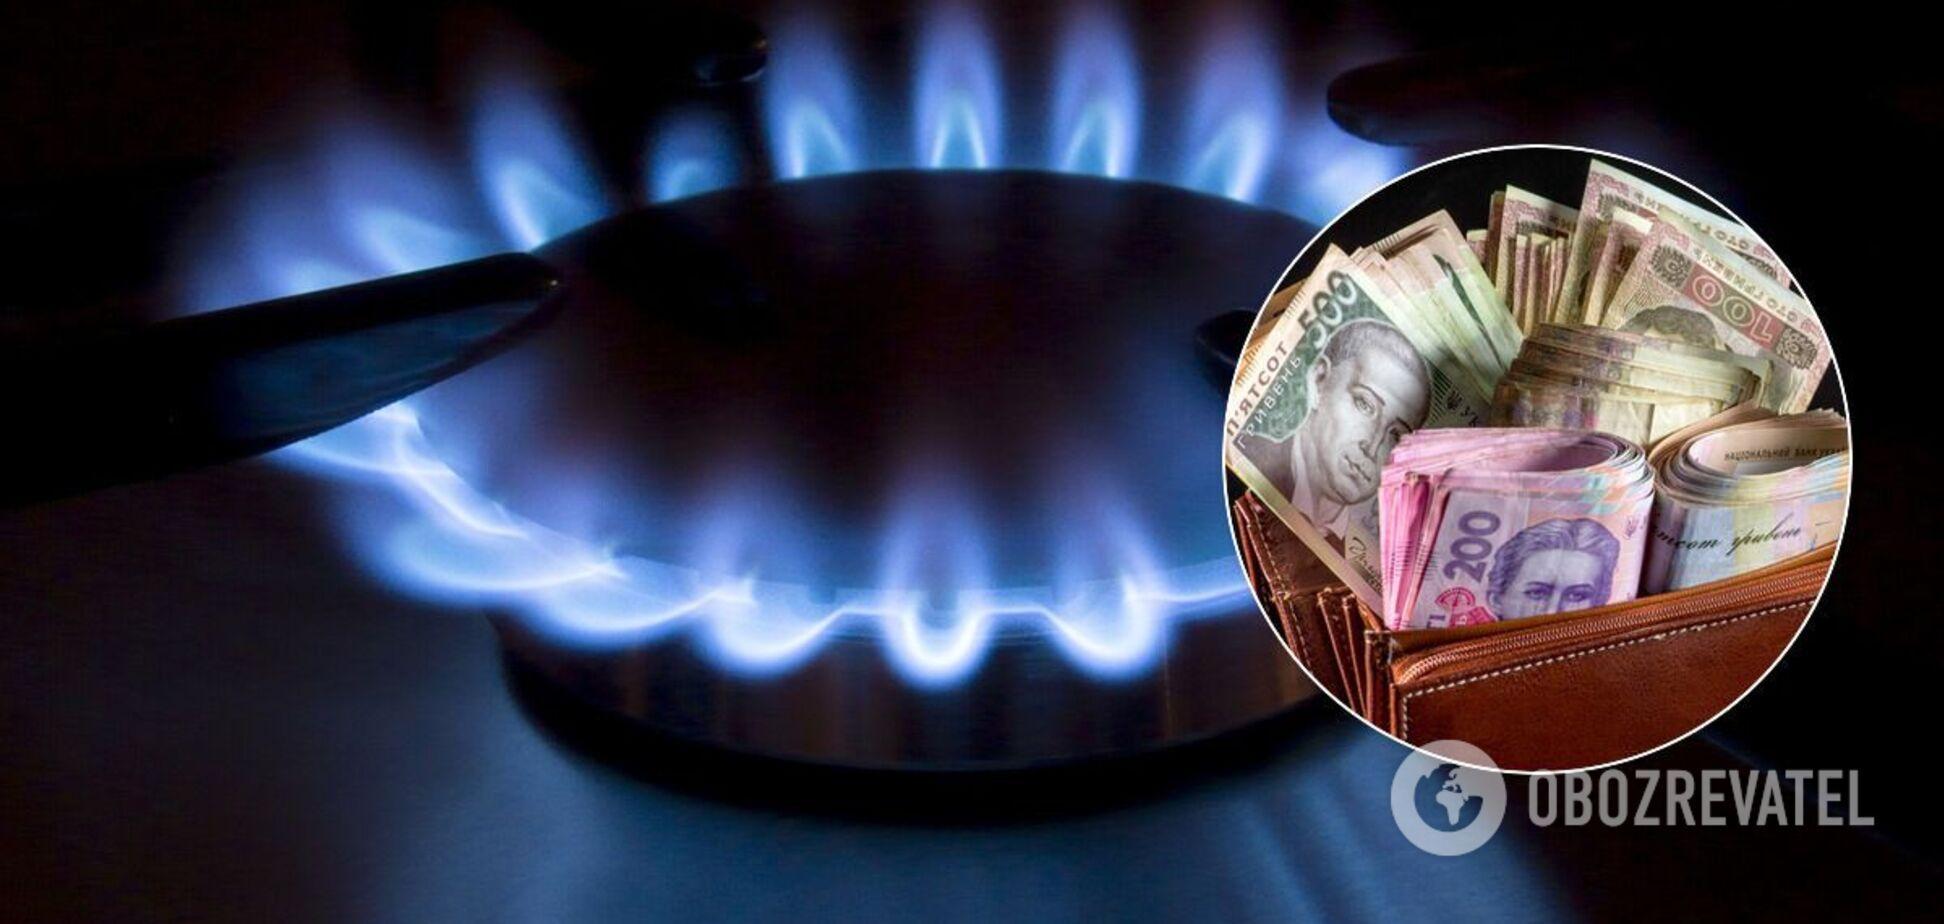 Для украинцев, которые получают субсидии на газ, ввели новое правило